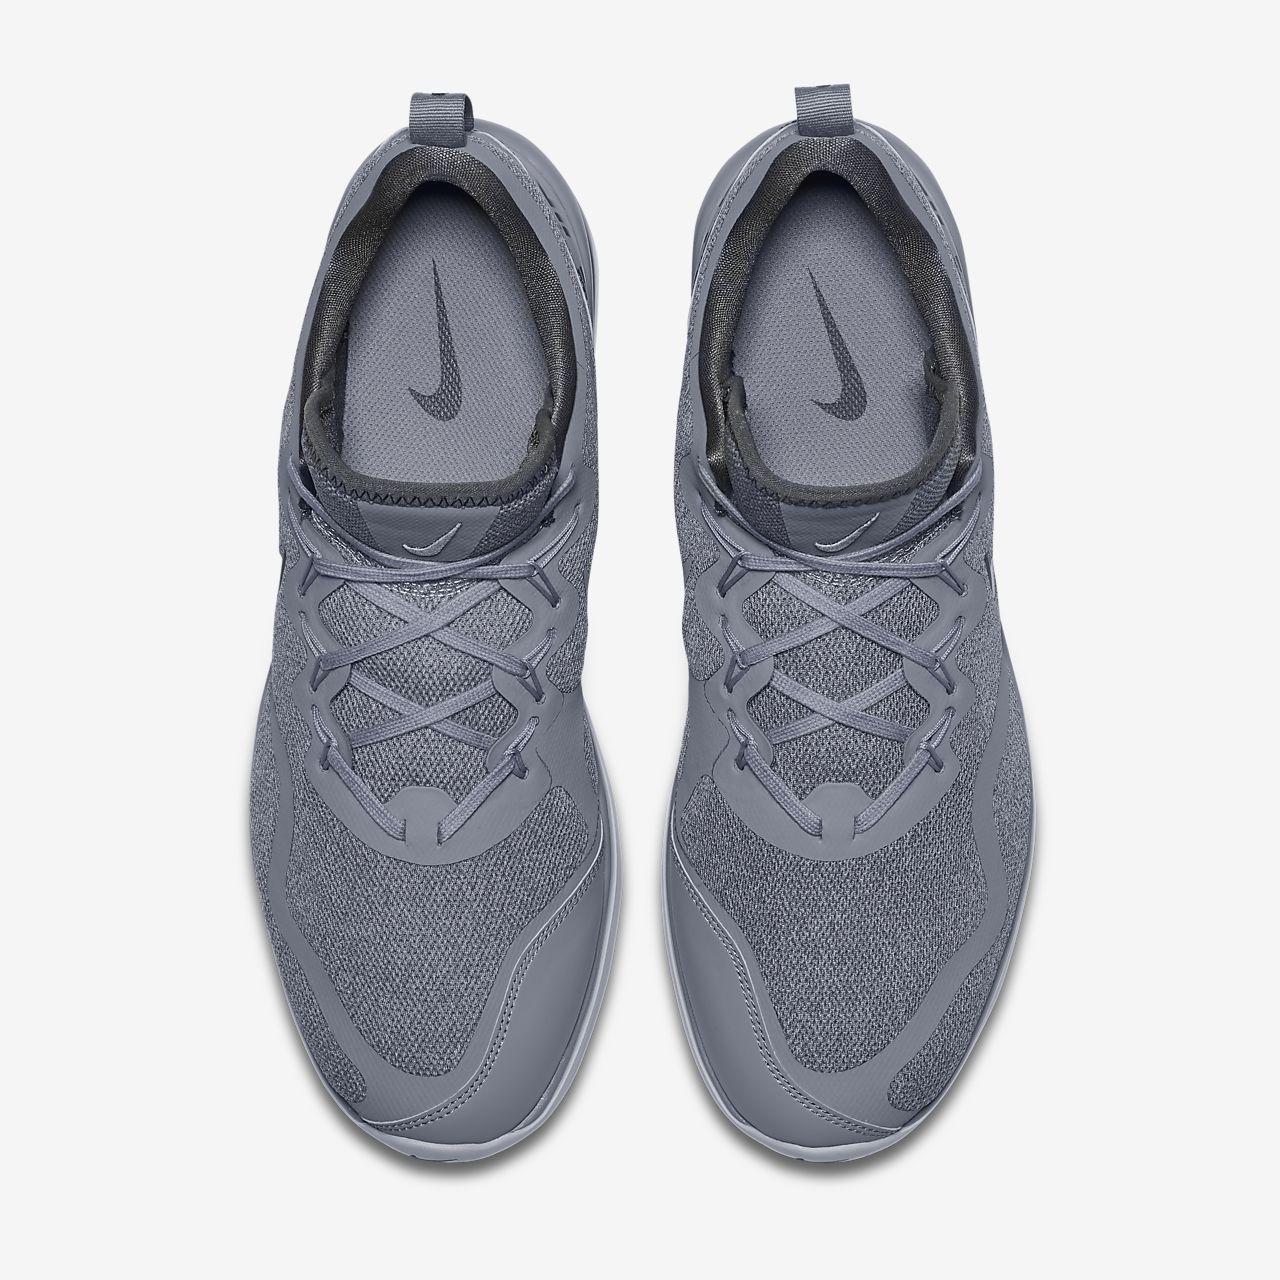 Nike Air Max Fury Herren Laufschuh